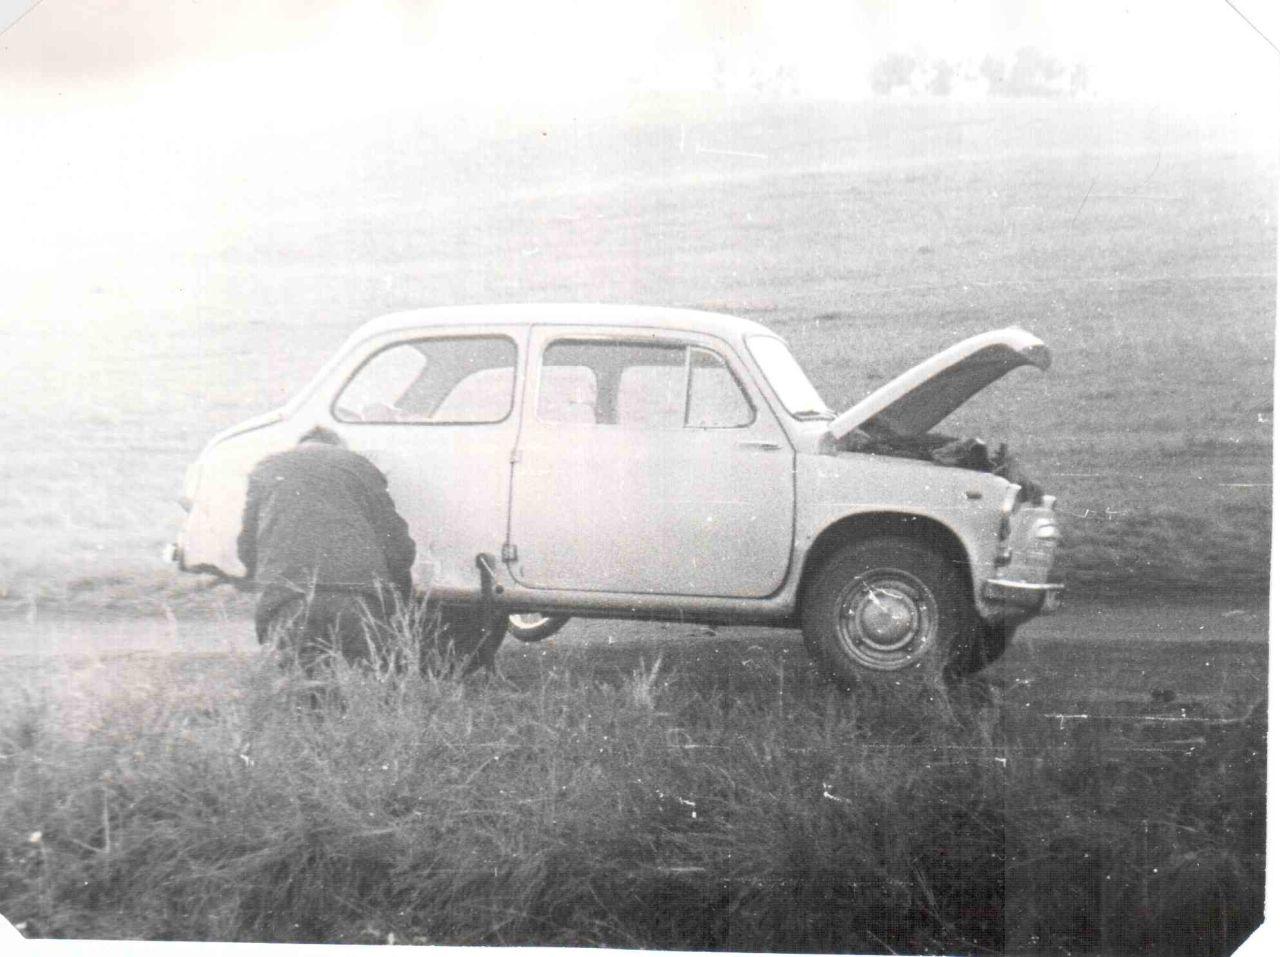 """замена проколотого колеса. под машиной видно колесо моего мокика """"Карпаты-2"""""""